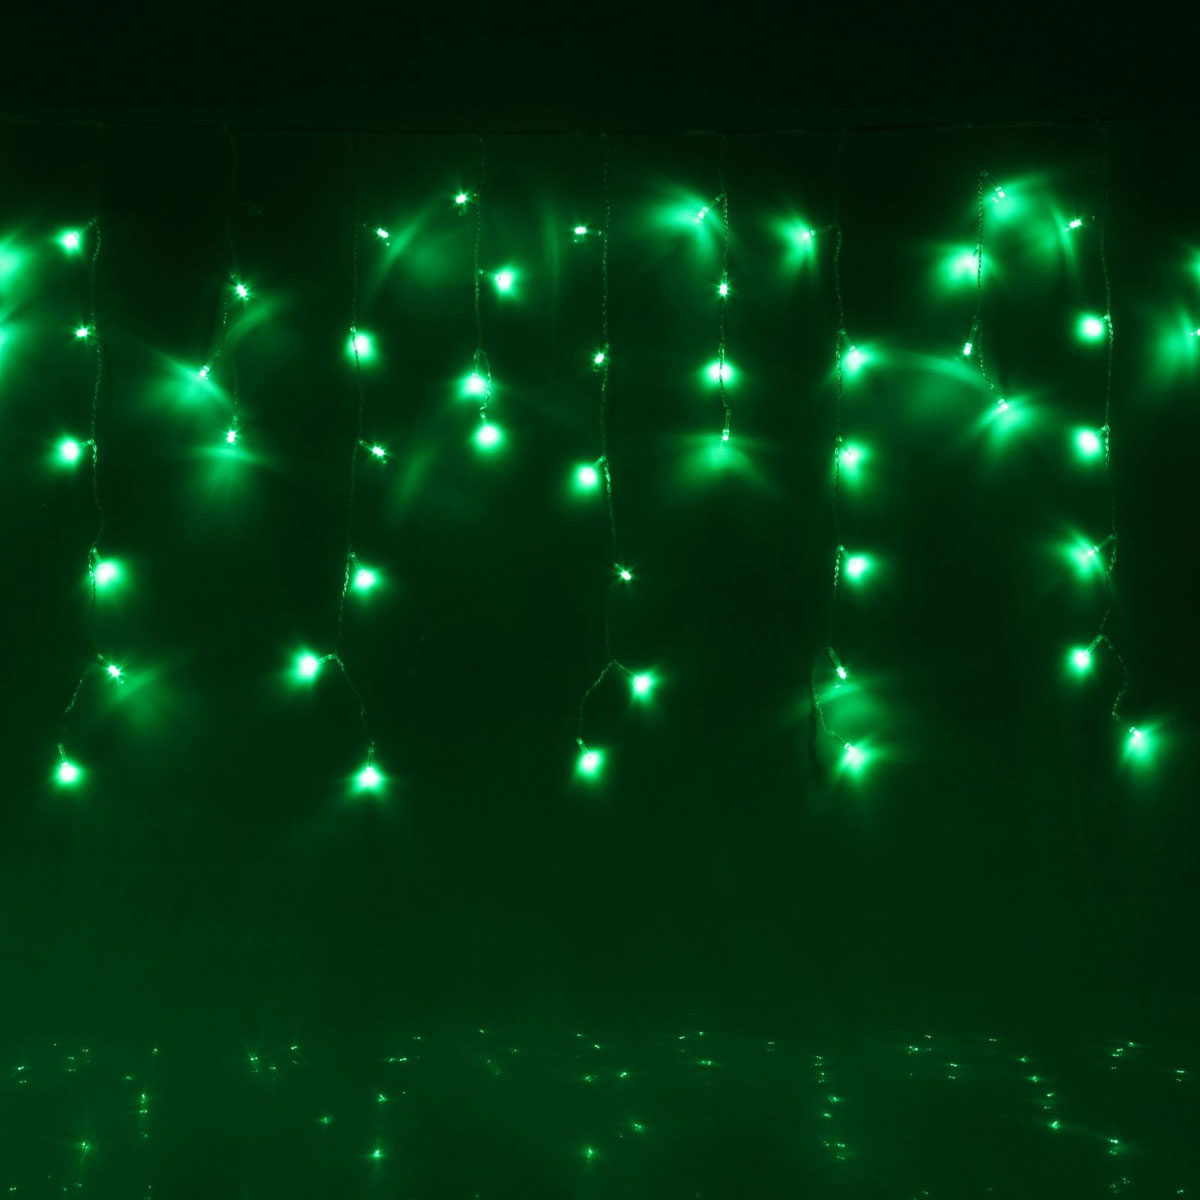 Гирлянда светодиодная Luazon Бахрома, 8 режимов, 120 ламп, 220 V, цвет: зеленый, 2,4 х 0,6 м. 671617671617Светодиодные гирлянды, ленты и т.д — это отличный вариант для новогоднего оформления интерьера или фасада. С их помощью помещение любого размера можно превратить в праздничный зал, а внешние элементы зданий, украшенные ими, мгновенно станут напоминать очертания сказочного дворца. Такие украшения создают ауру предвкушения чуда. Деревья, фасады, витрины, окна и арки будто специально созданы, чтобы вы украсили их светящимися нитями.